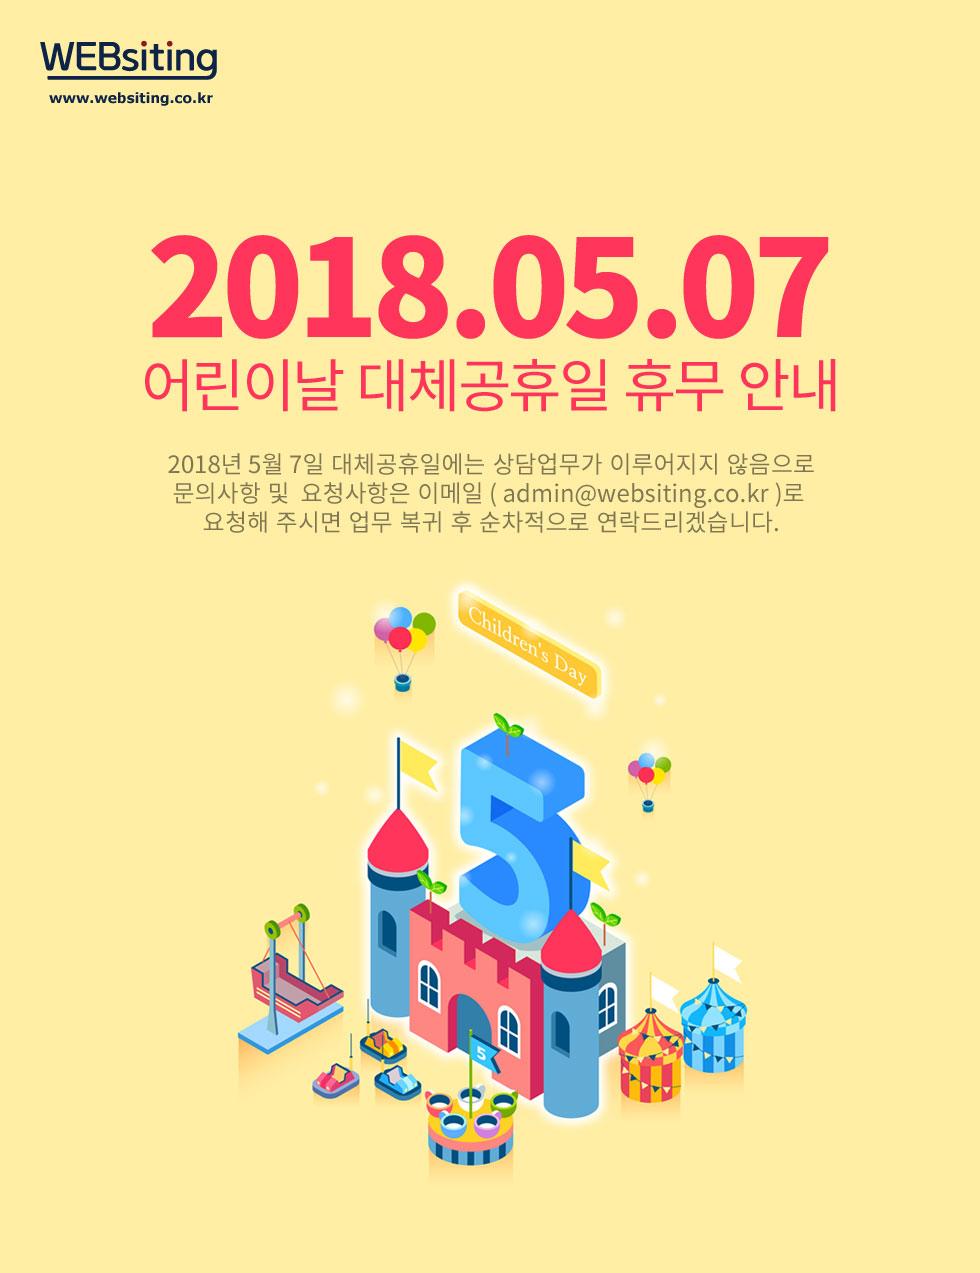 2018.05.07 어린이날 대체공휴일 휴무 안내